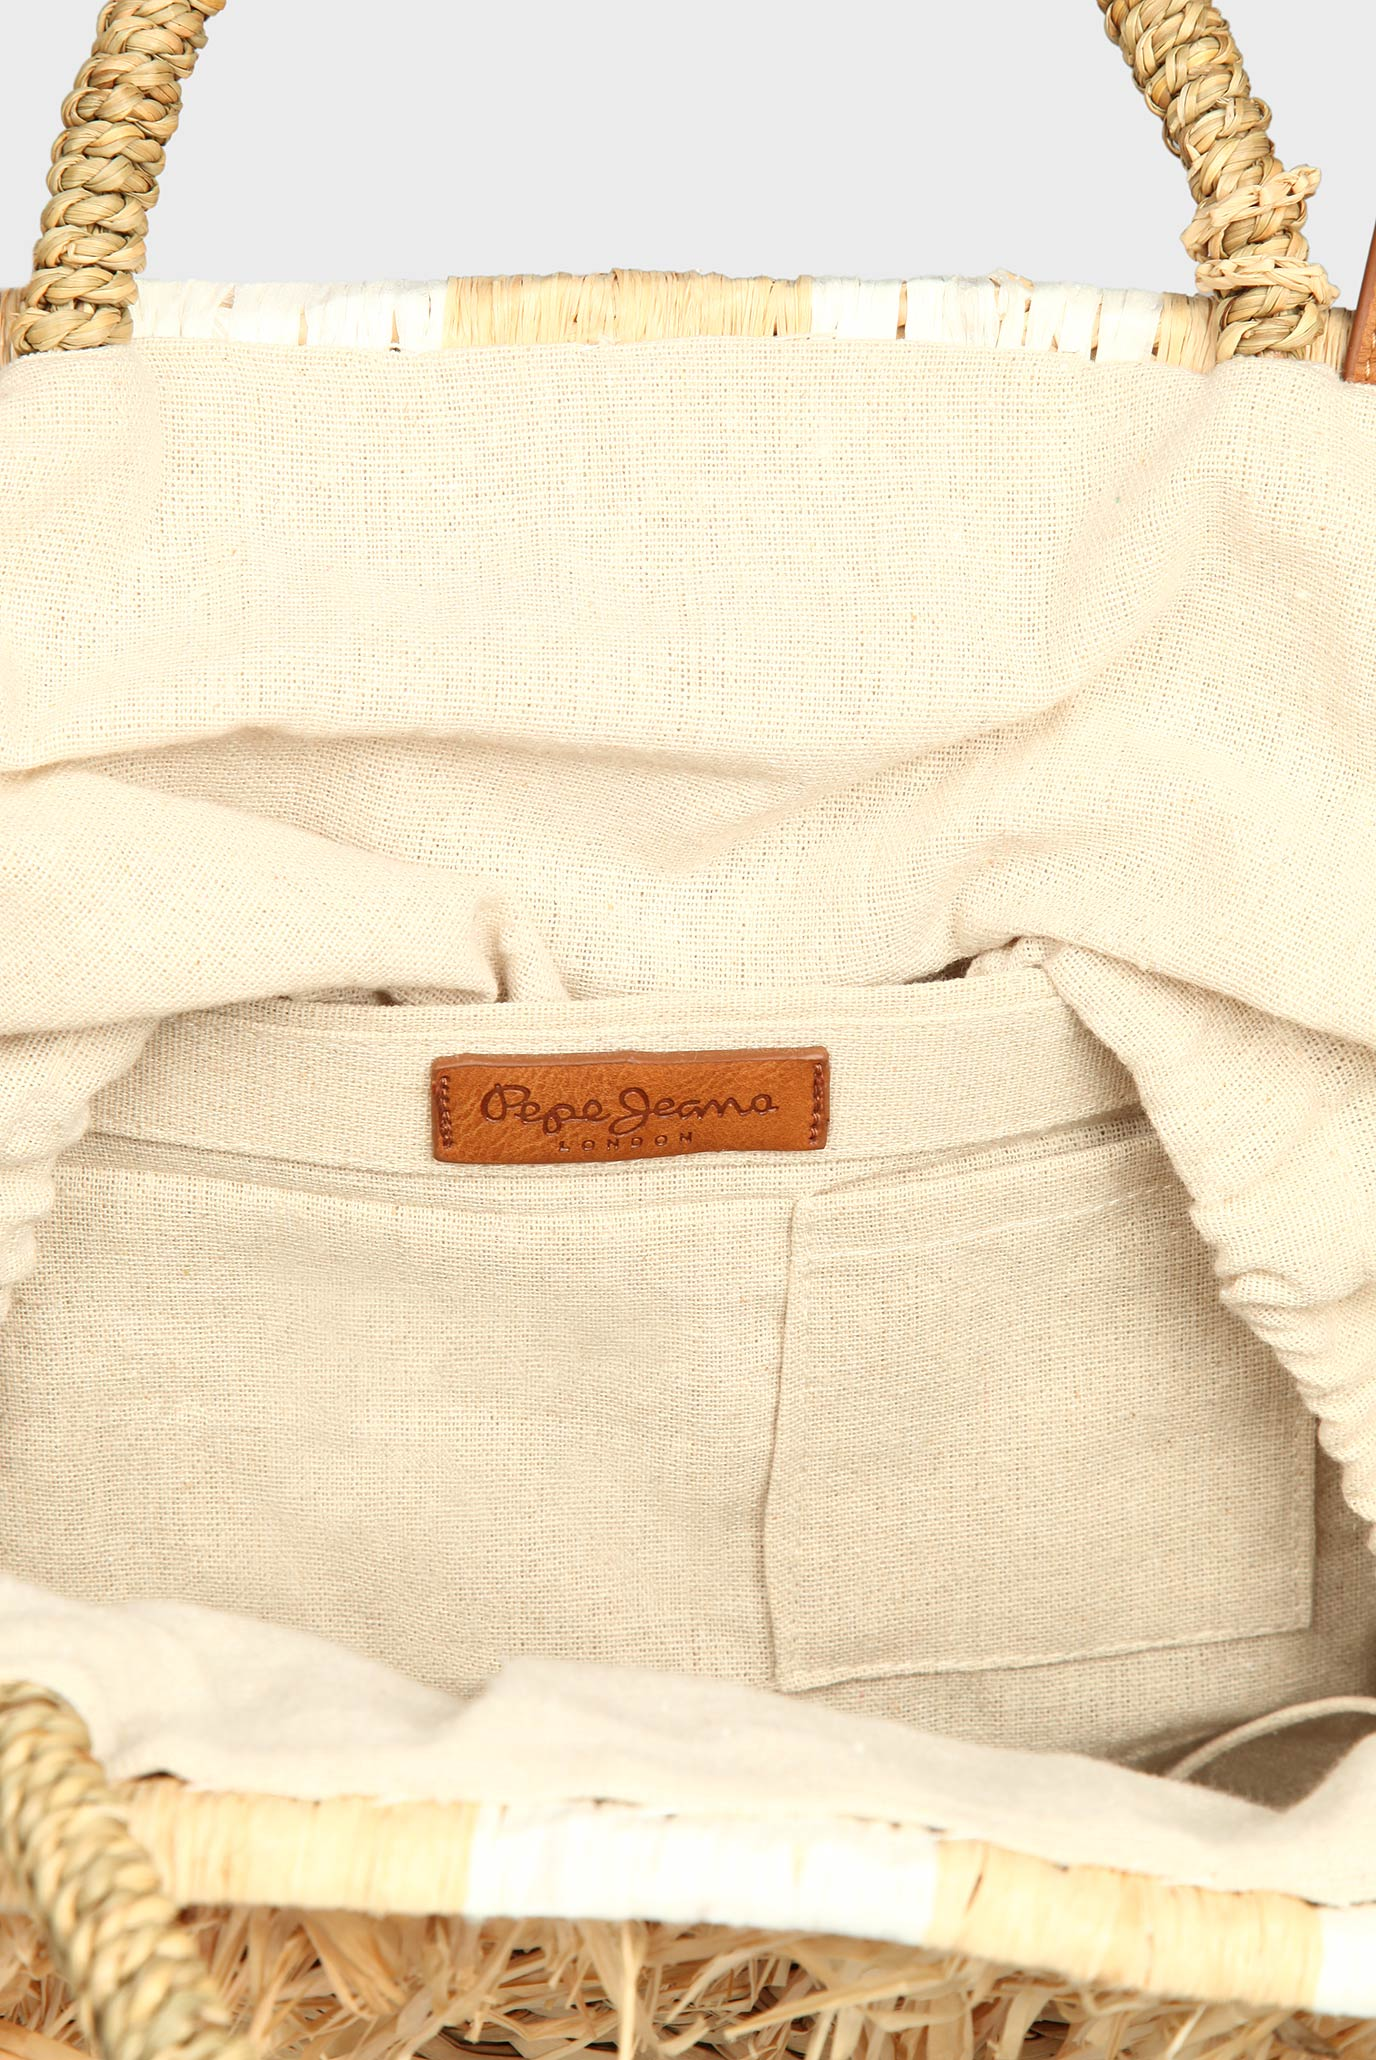 51706f27dfc4 Купить Женская соломенная сумка на плечо Pepe Jeans Pepe Jeans PL030729 –  Киев, Украина. Цены в интернет ...